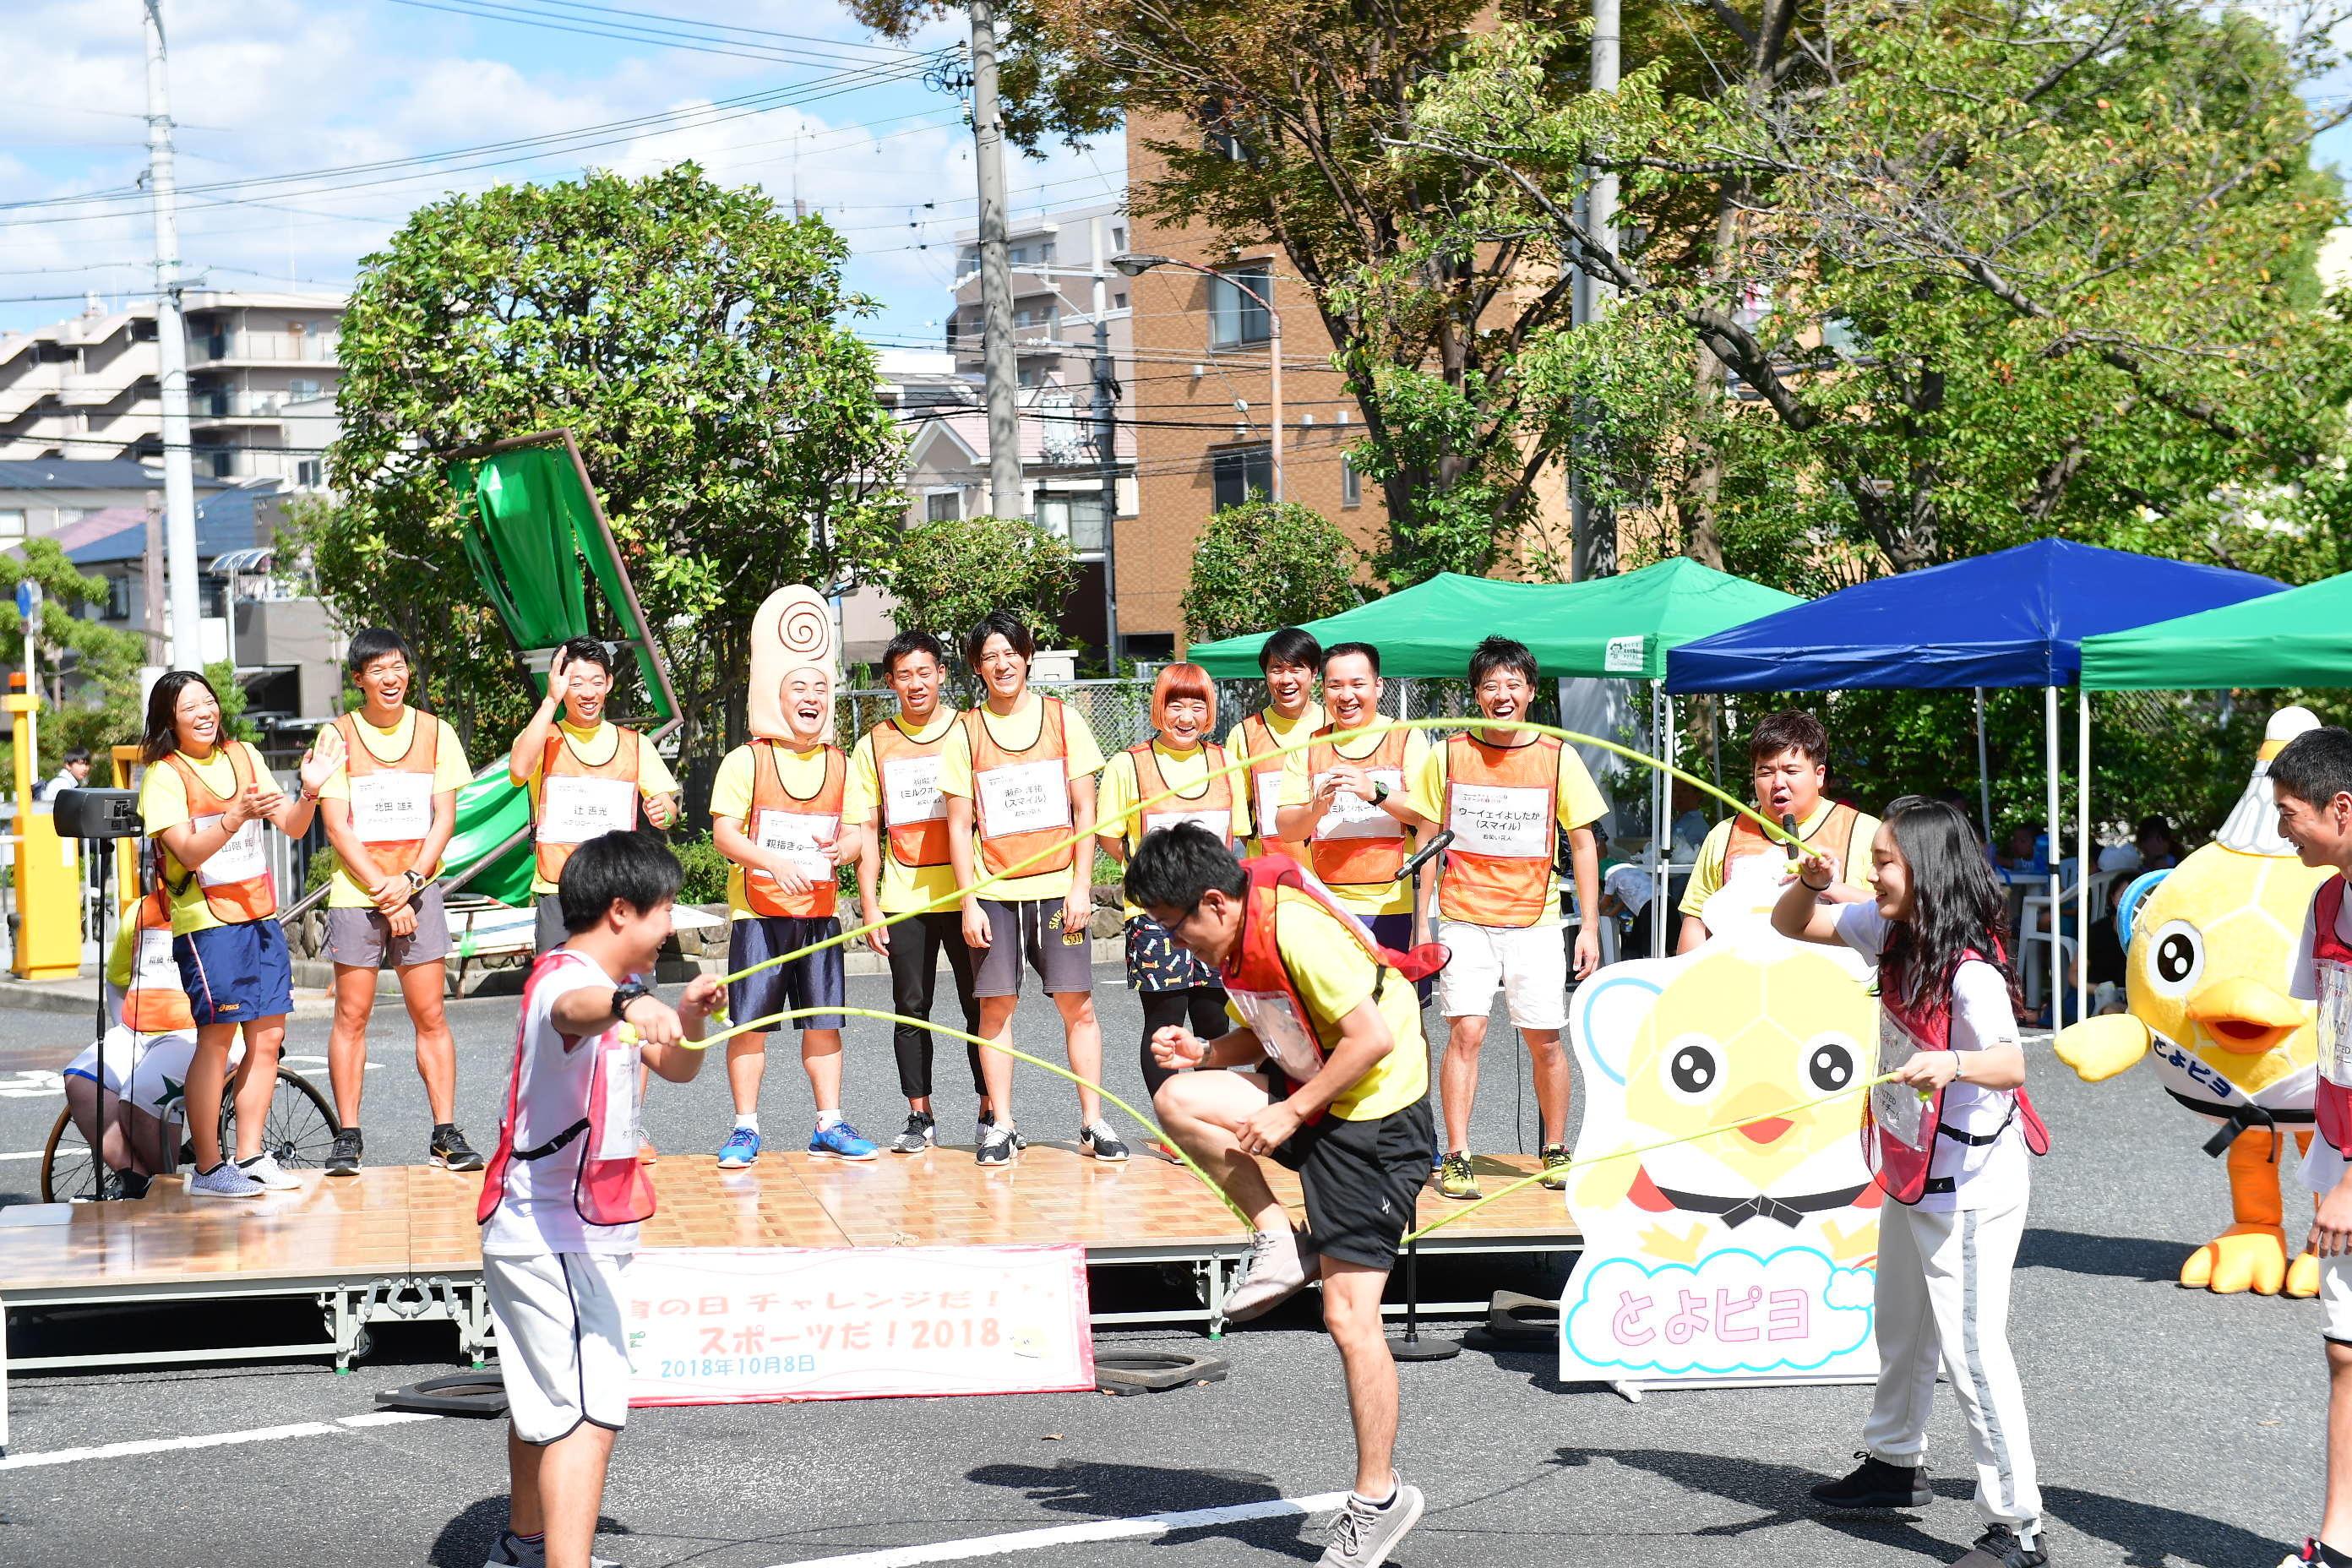 http://news.yoshimoto.co.jp/20181008191616-25a94dfe1ed2f23b246dbcd712b752b5e6d90721.jpg